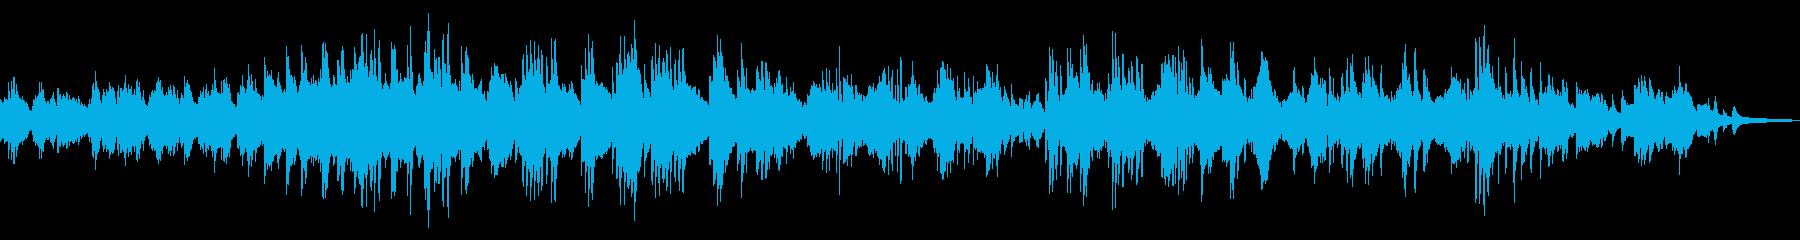 切なくドラマチックな和風ピアノソロ24の再生済みの波形